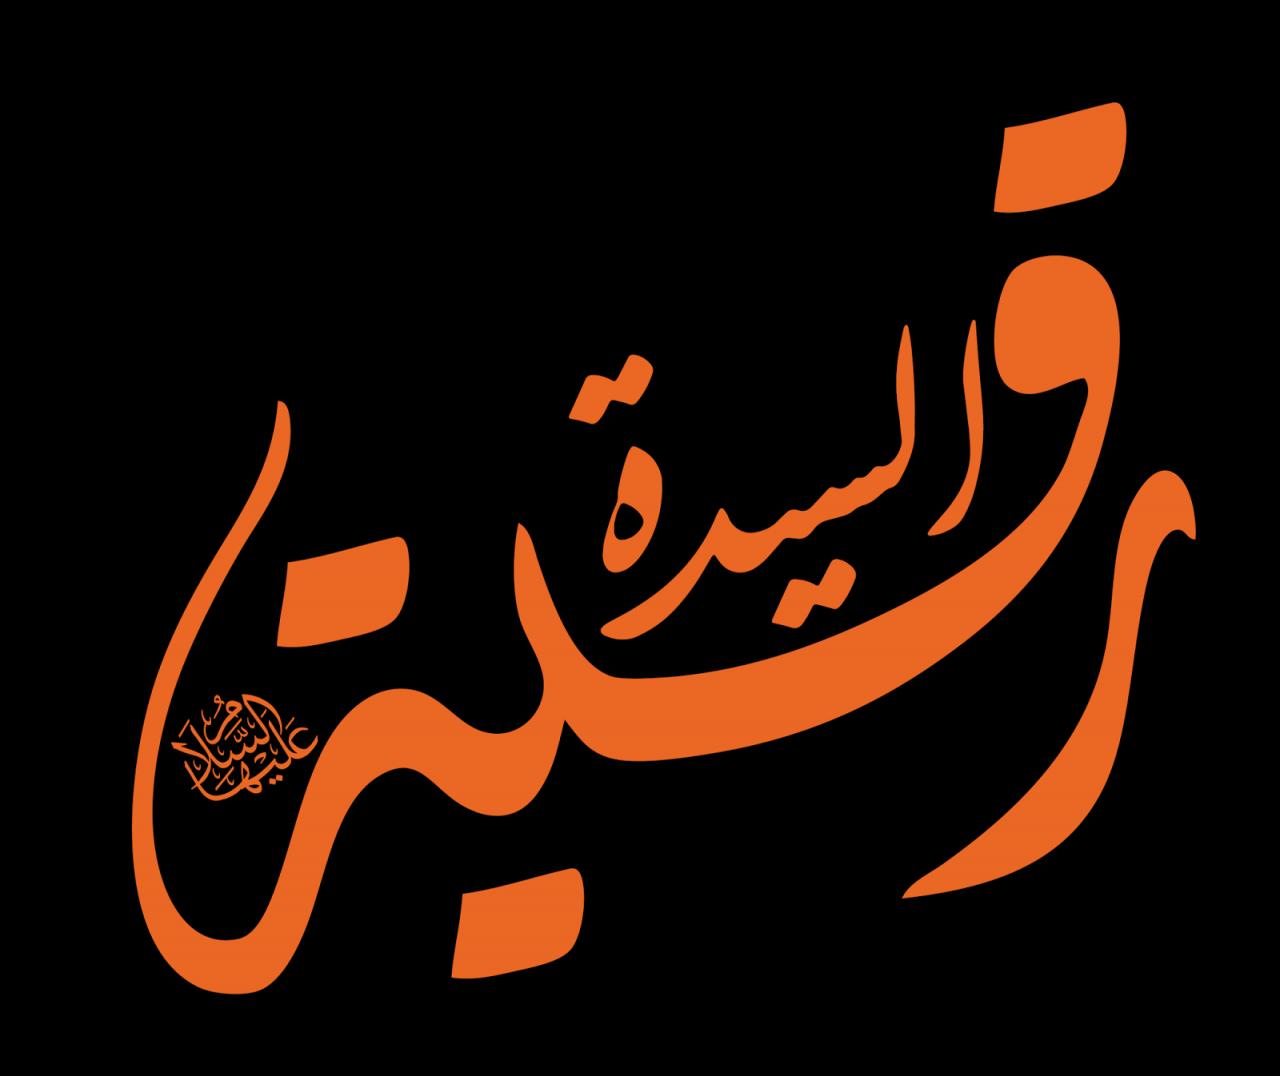 أسماء بنات إسلامية صحابيات ومعانيها موقع مصري In 2021 Arabic Calligraphy Art Calligraphy